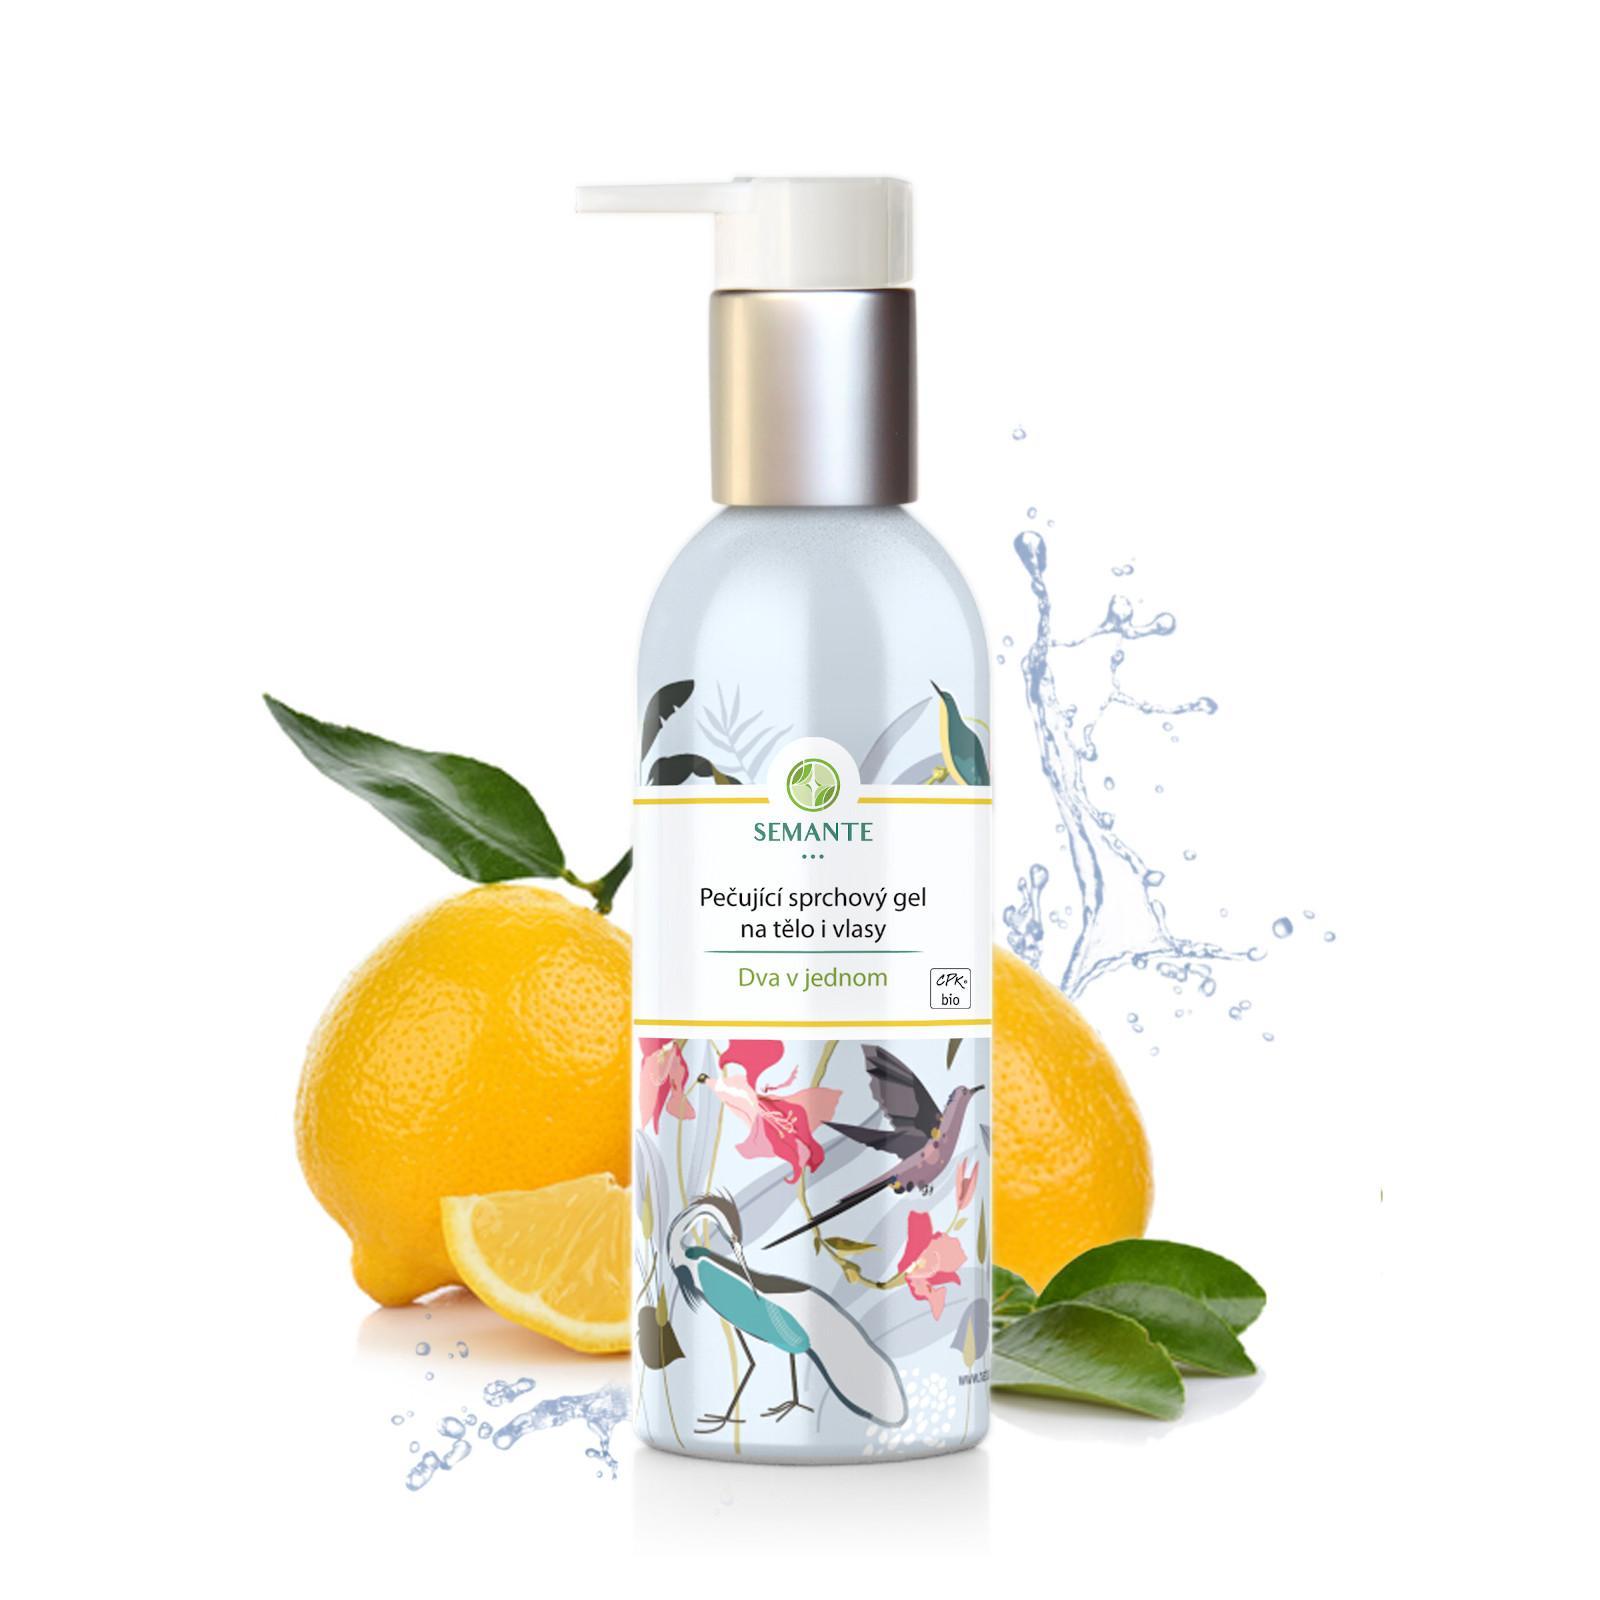 Semante by Naturalis Dva v jednom, pečující sprchový gel na tělo i vlasy 200 ml